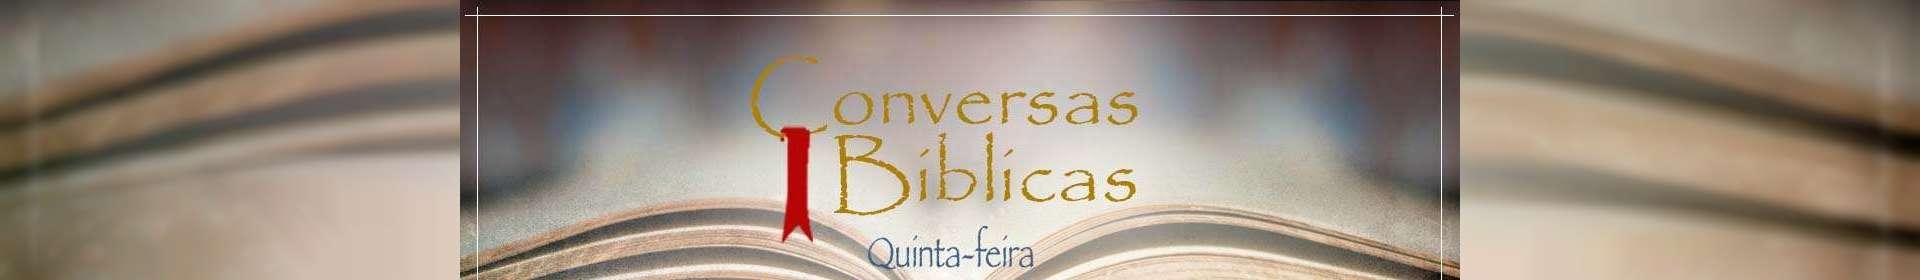 Conversas Bíblicas: Cantares - Parte 3